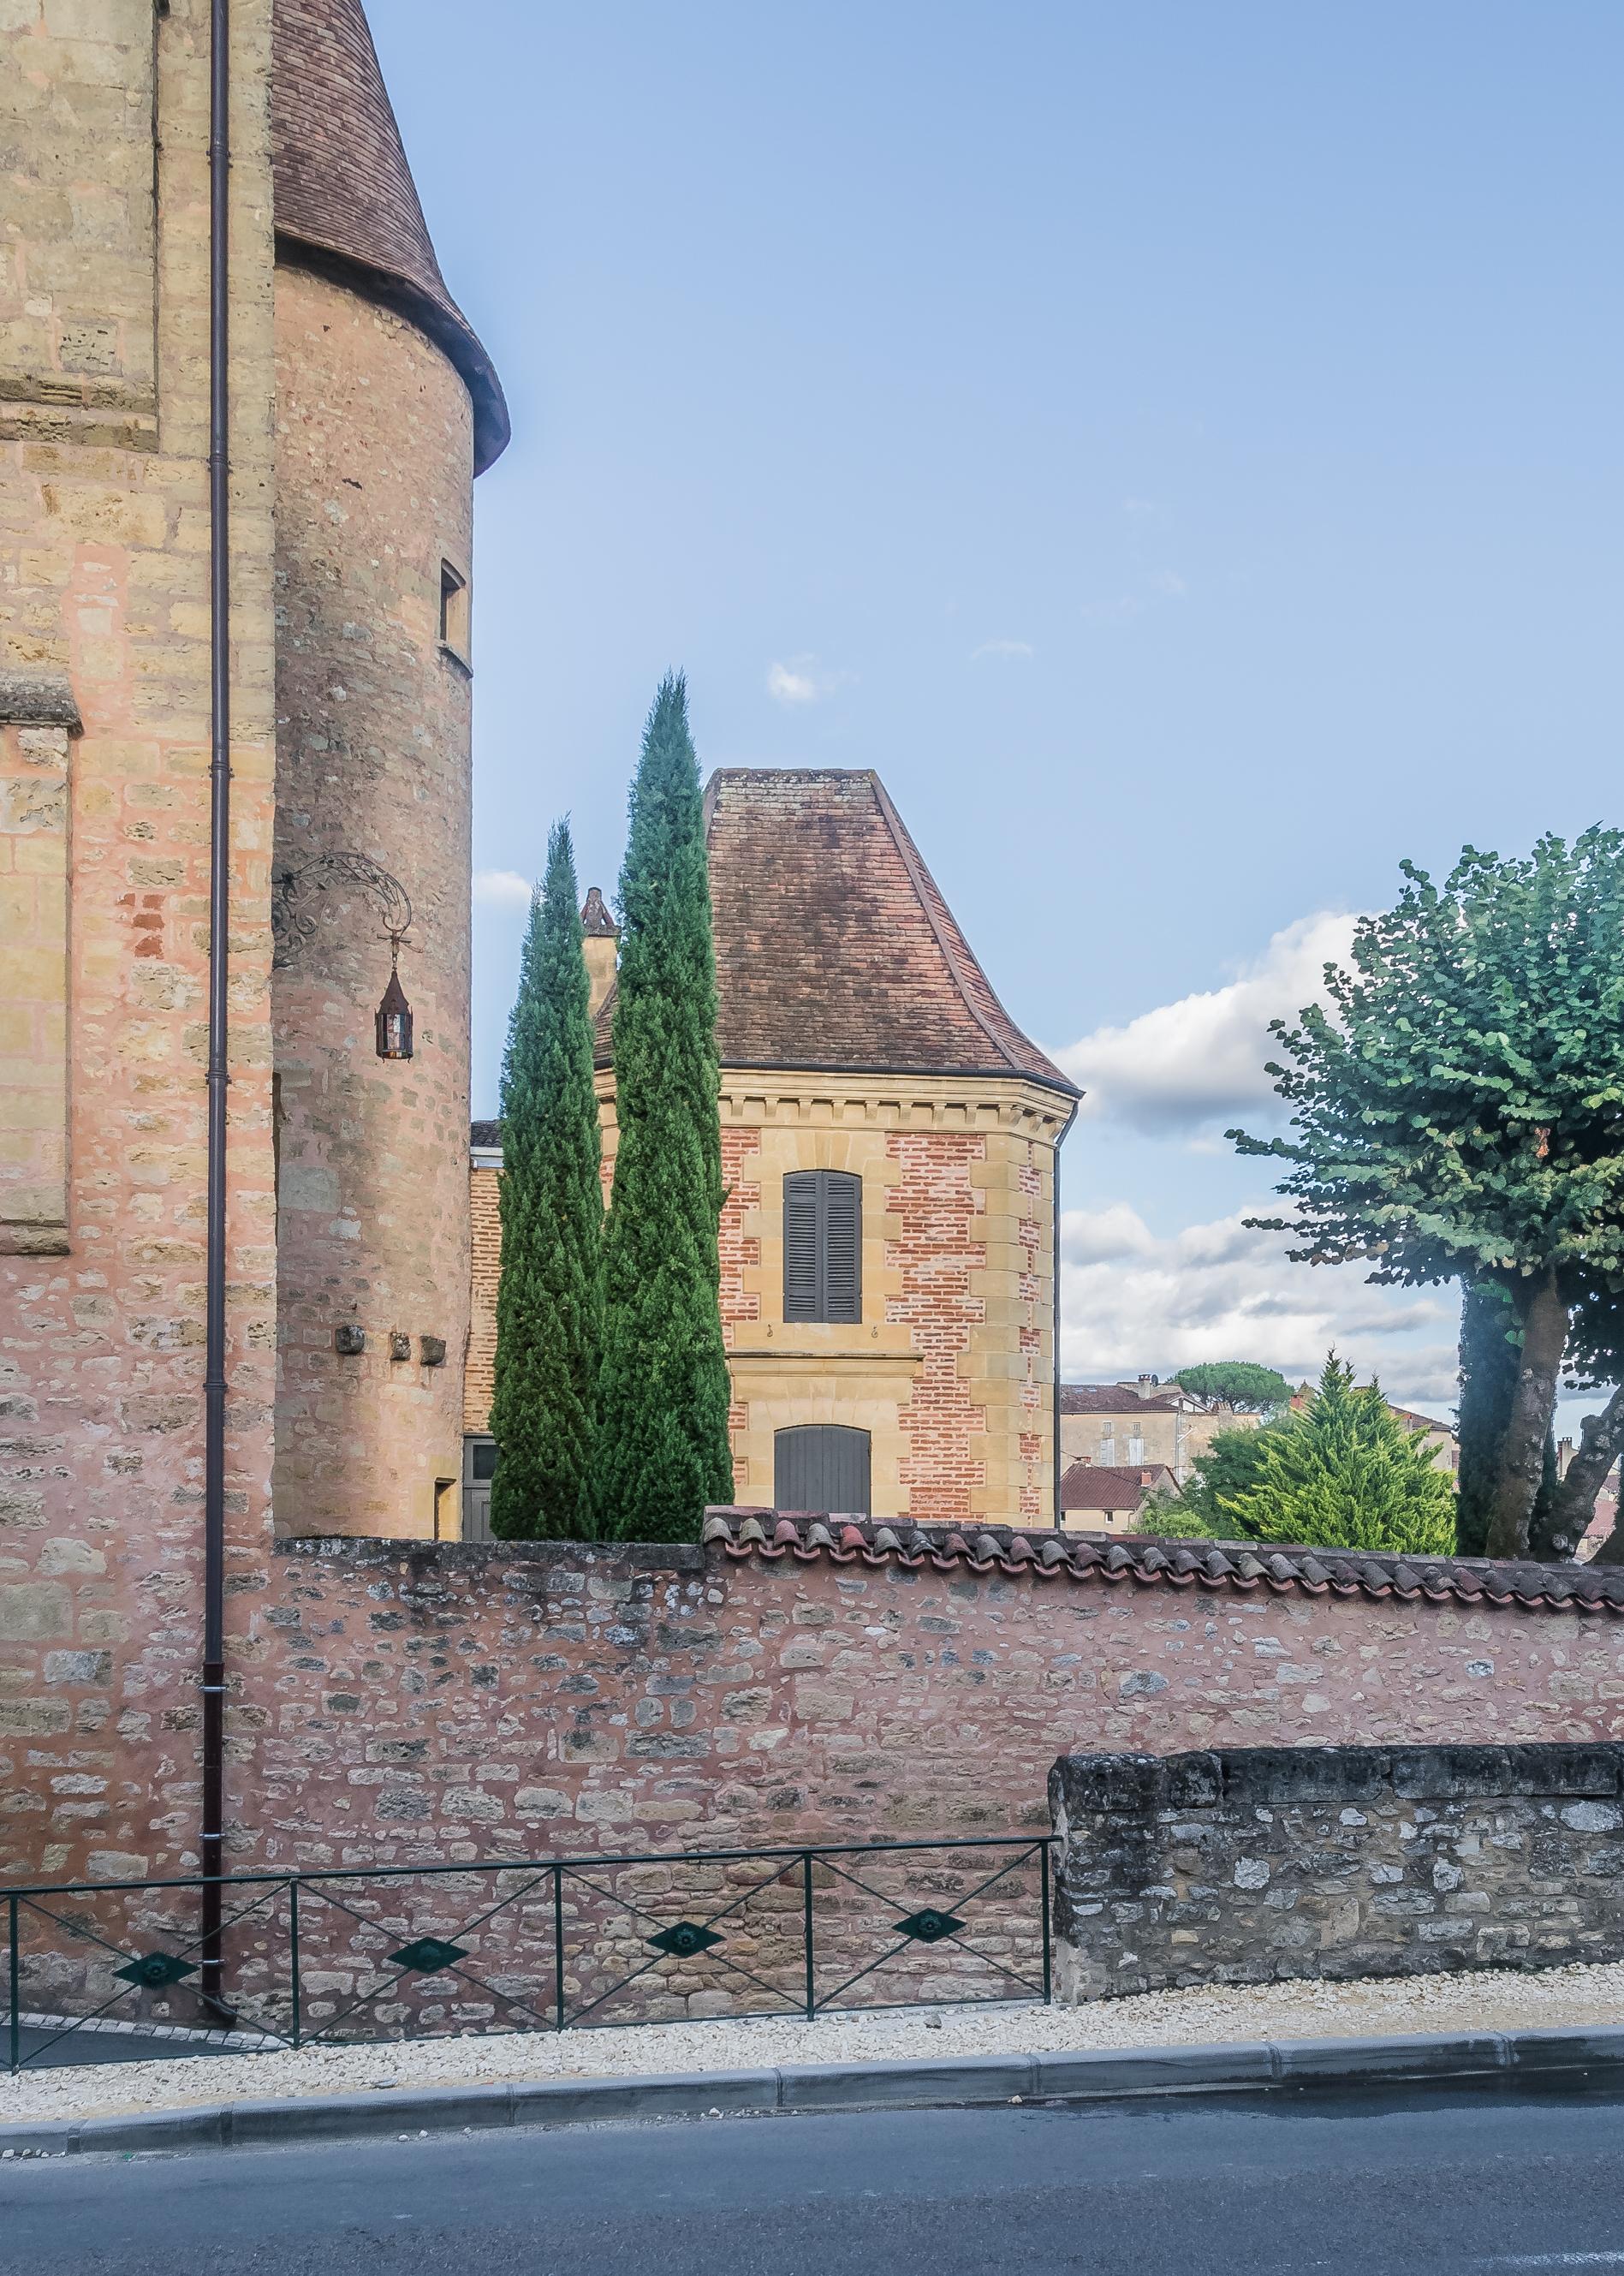 810-chateau-de_belves-dordogne.jpg